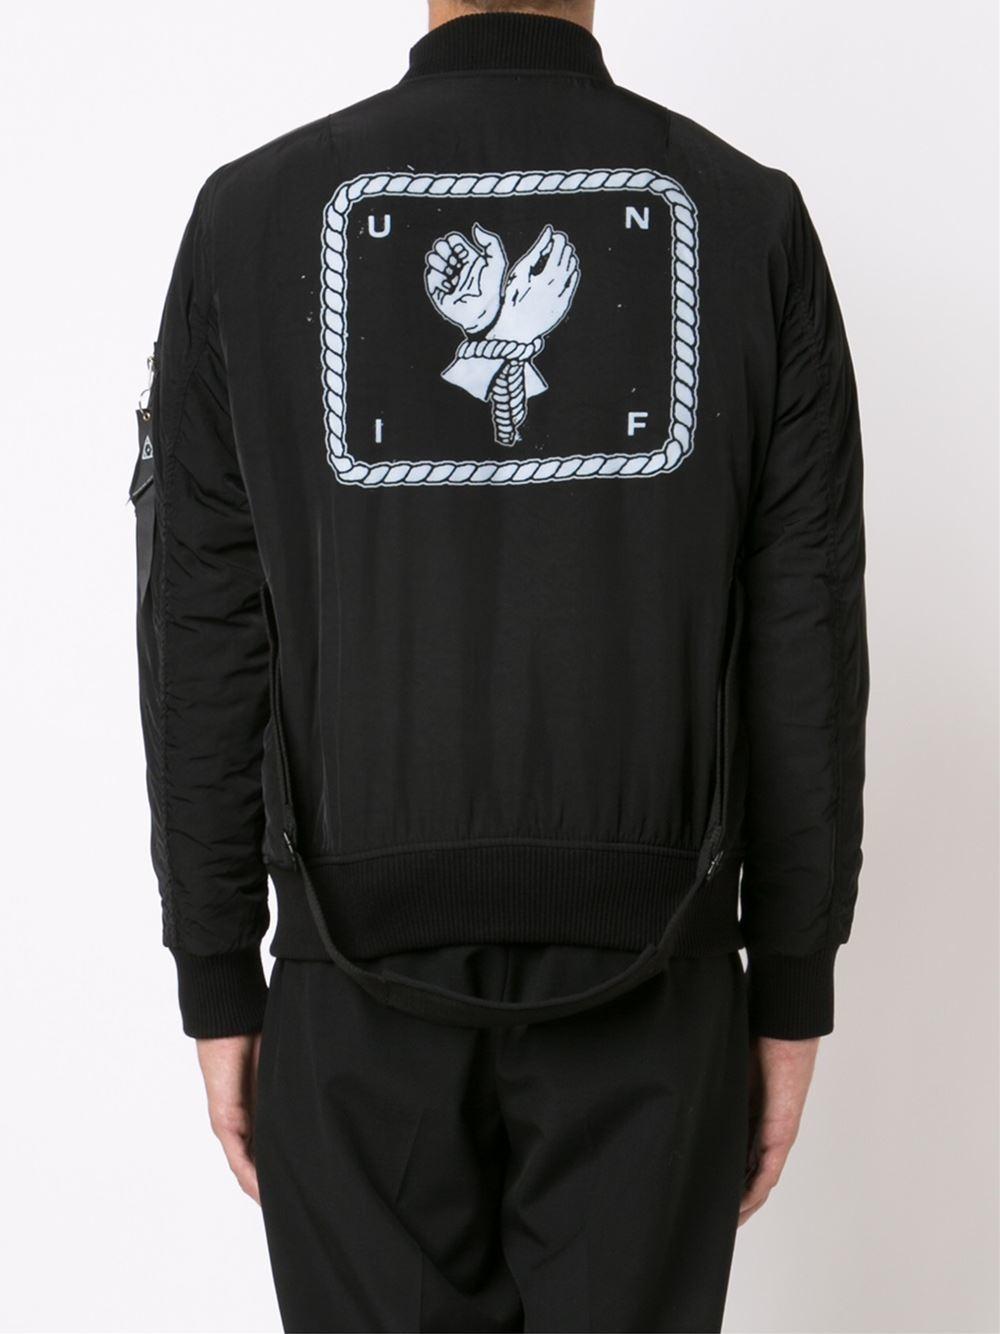 UNIF 'brace' Bomber Jacket in Black (Metallic) for Men